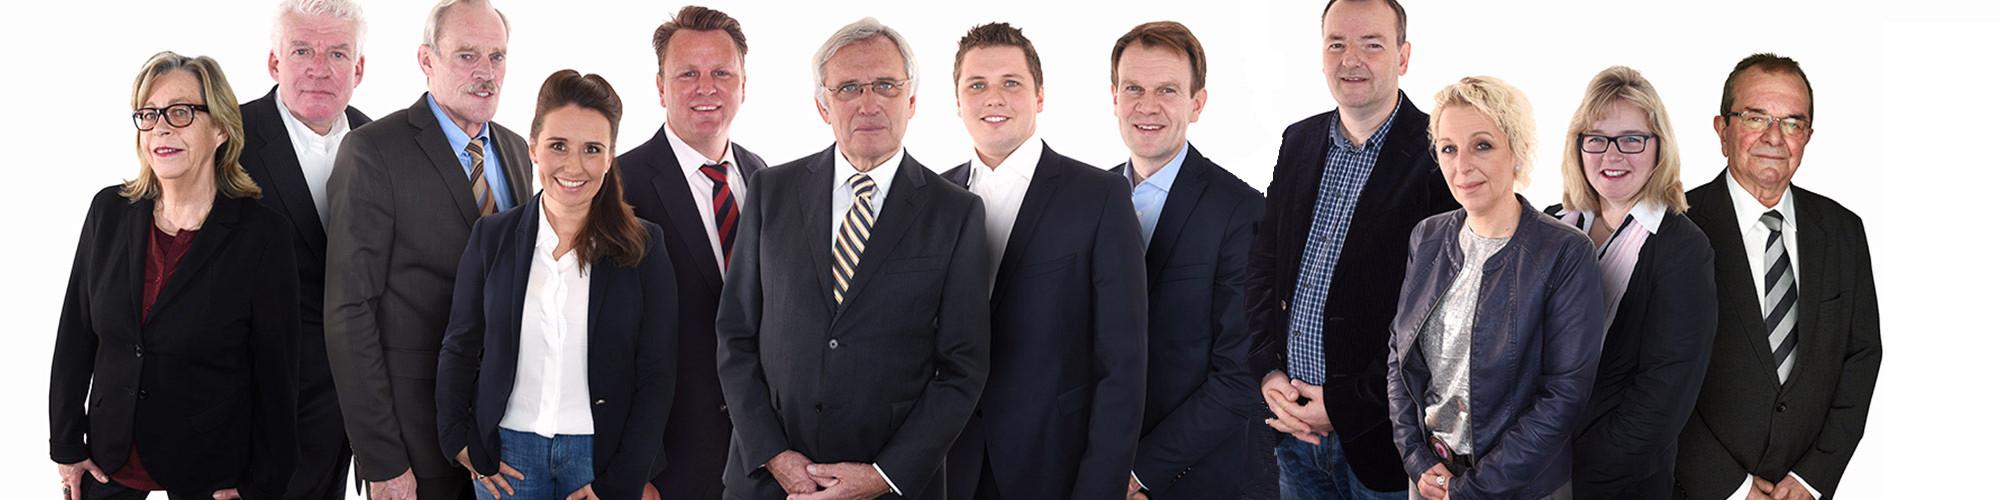 team_ohne_kc.jpg